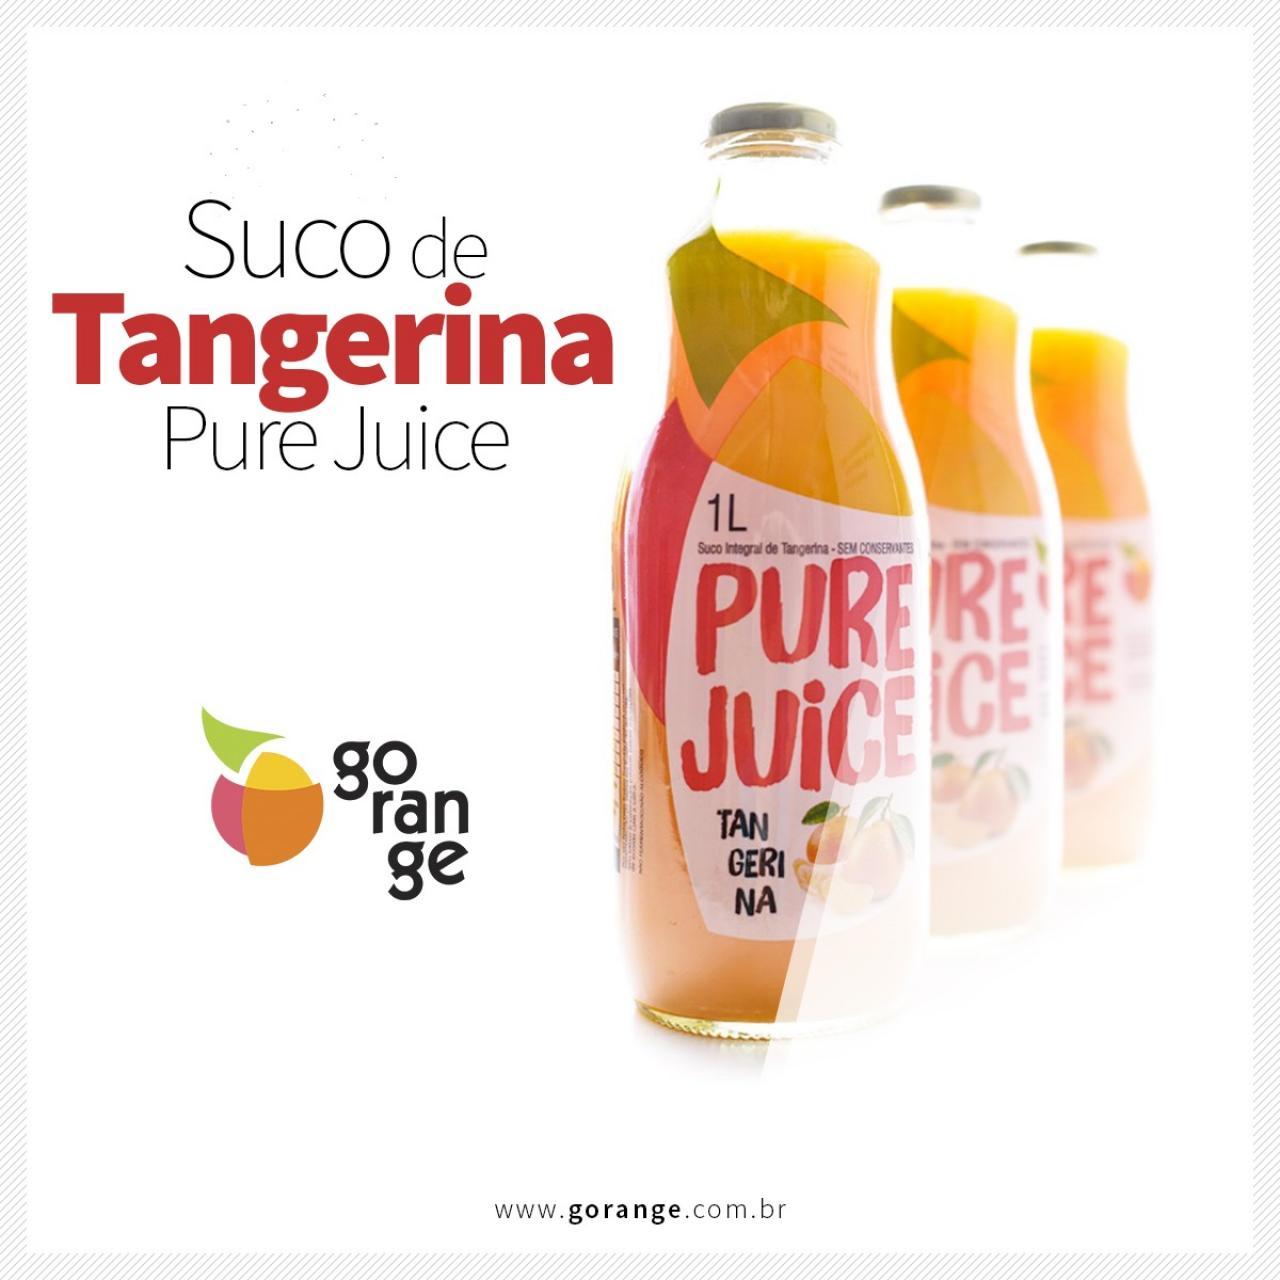 Suco de Tangerina Pure Juice